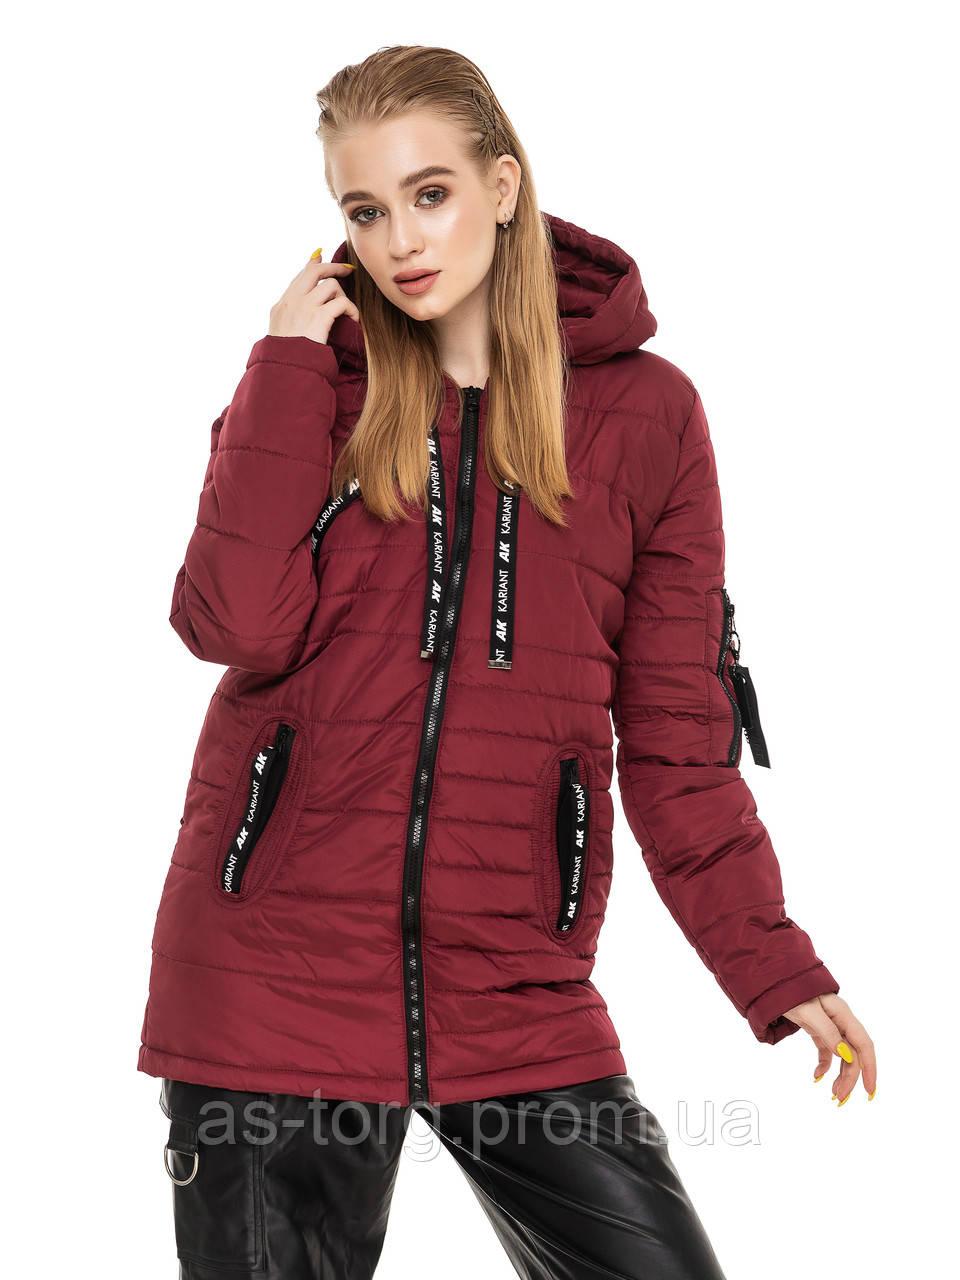 Удлиненная куртка Астара Бордовый